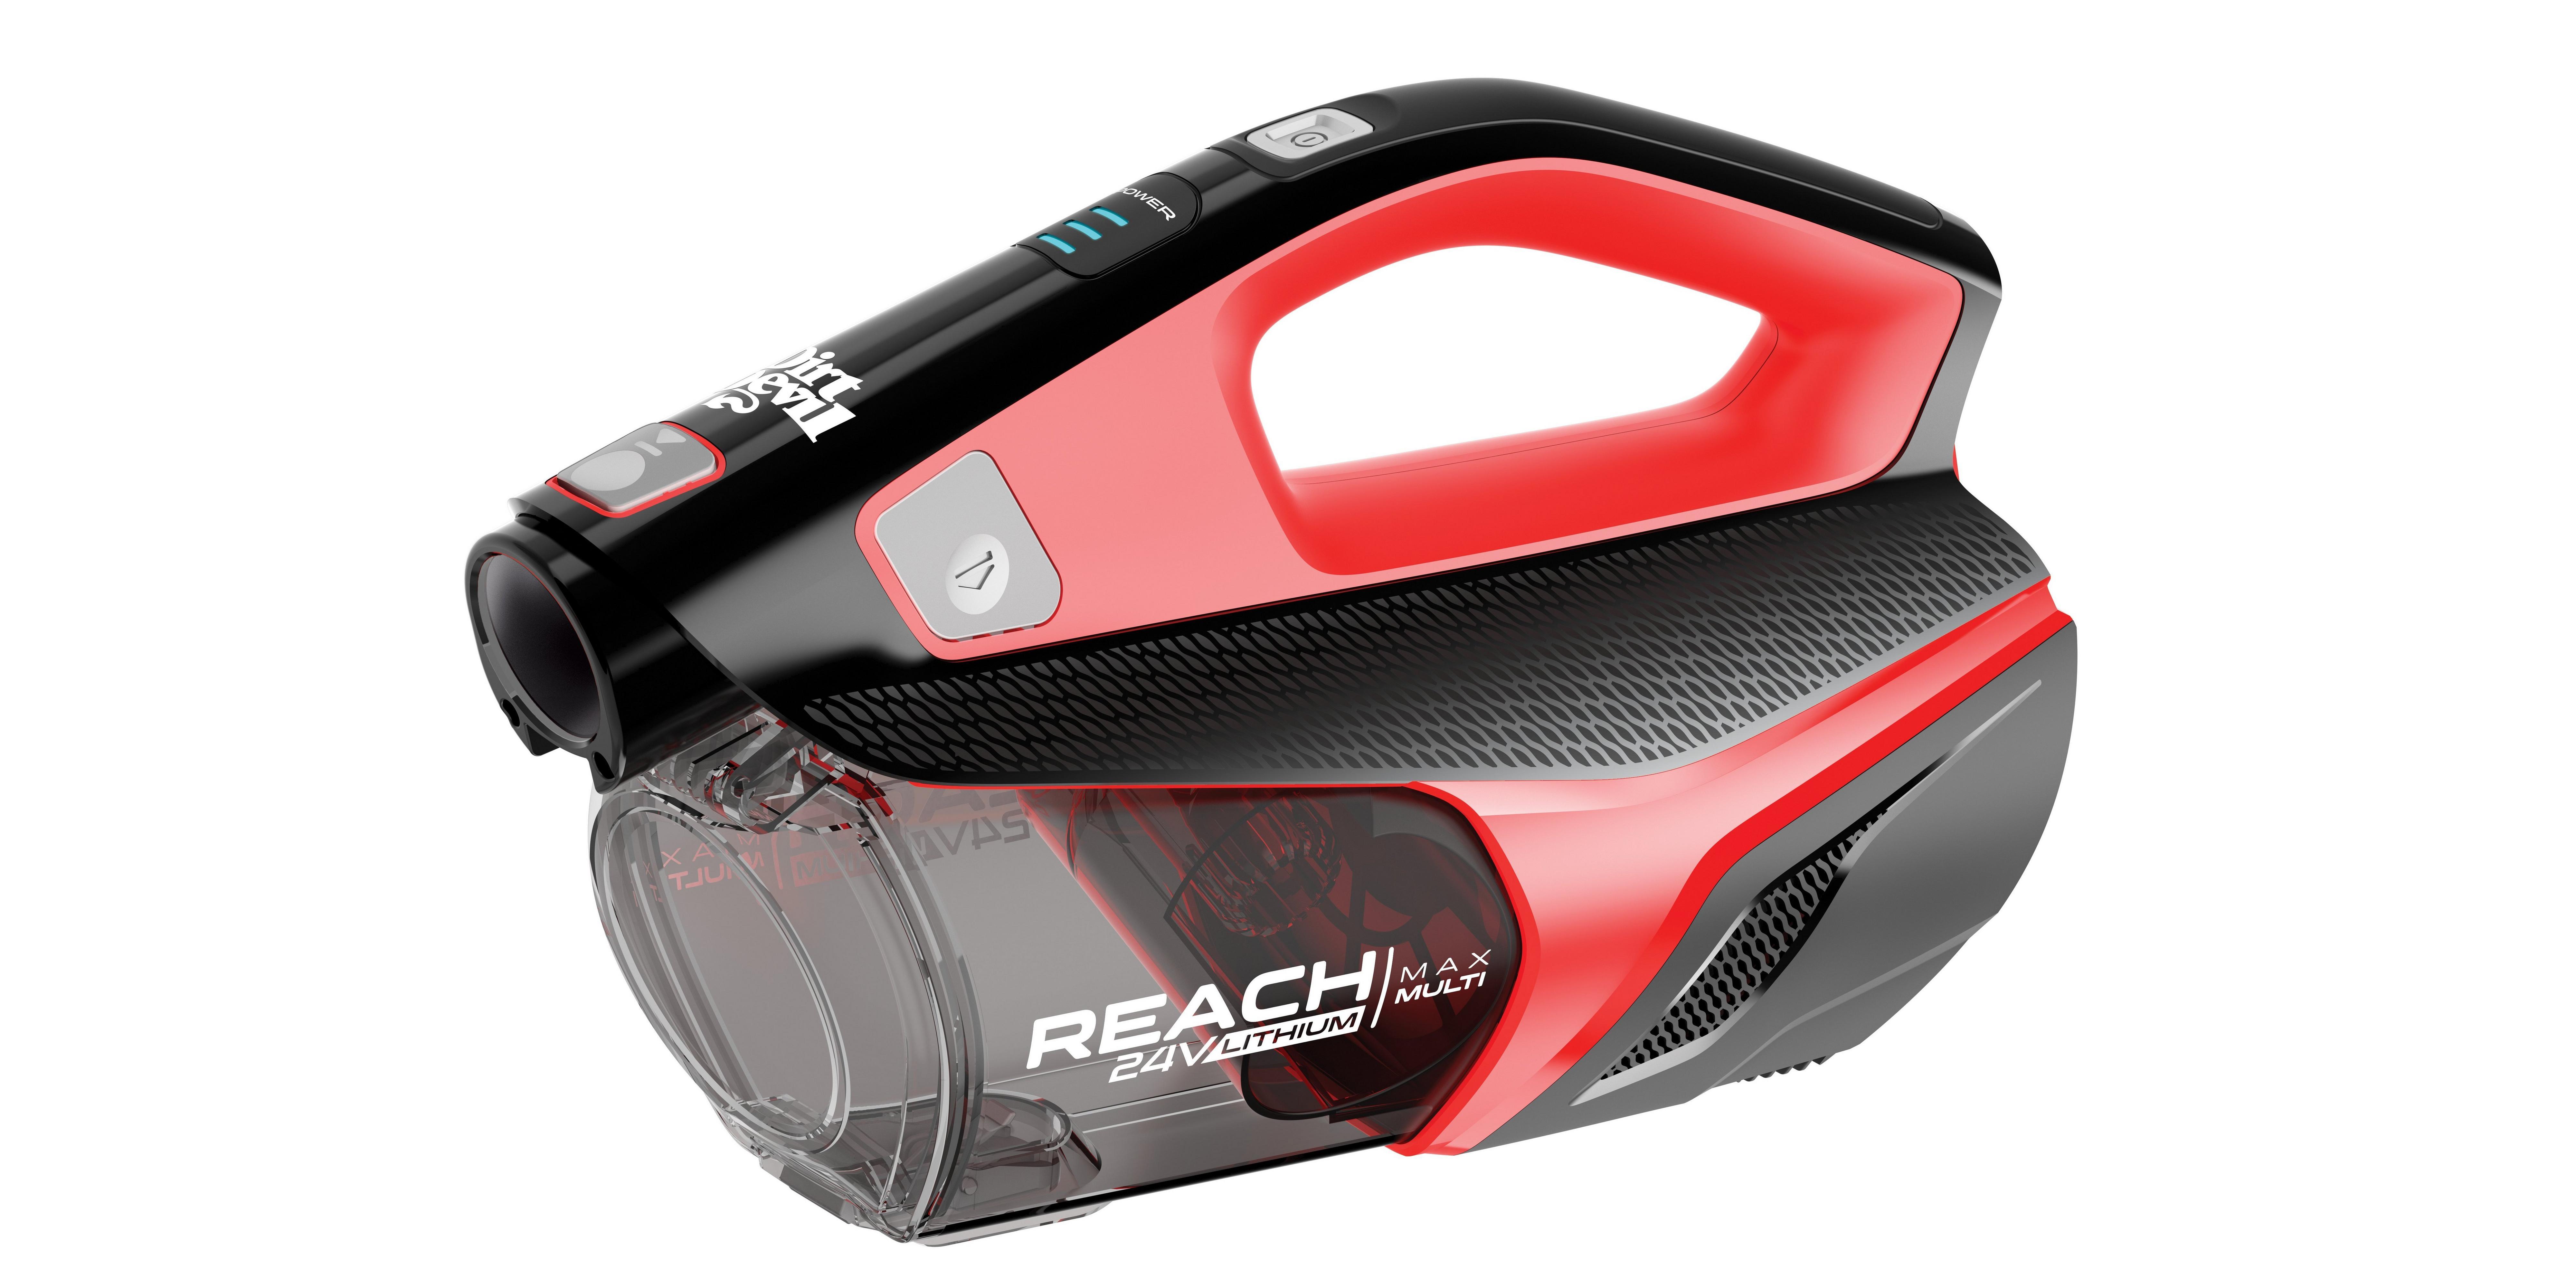 Reach Max 3-in-1 Cordless Stick Vacuum2